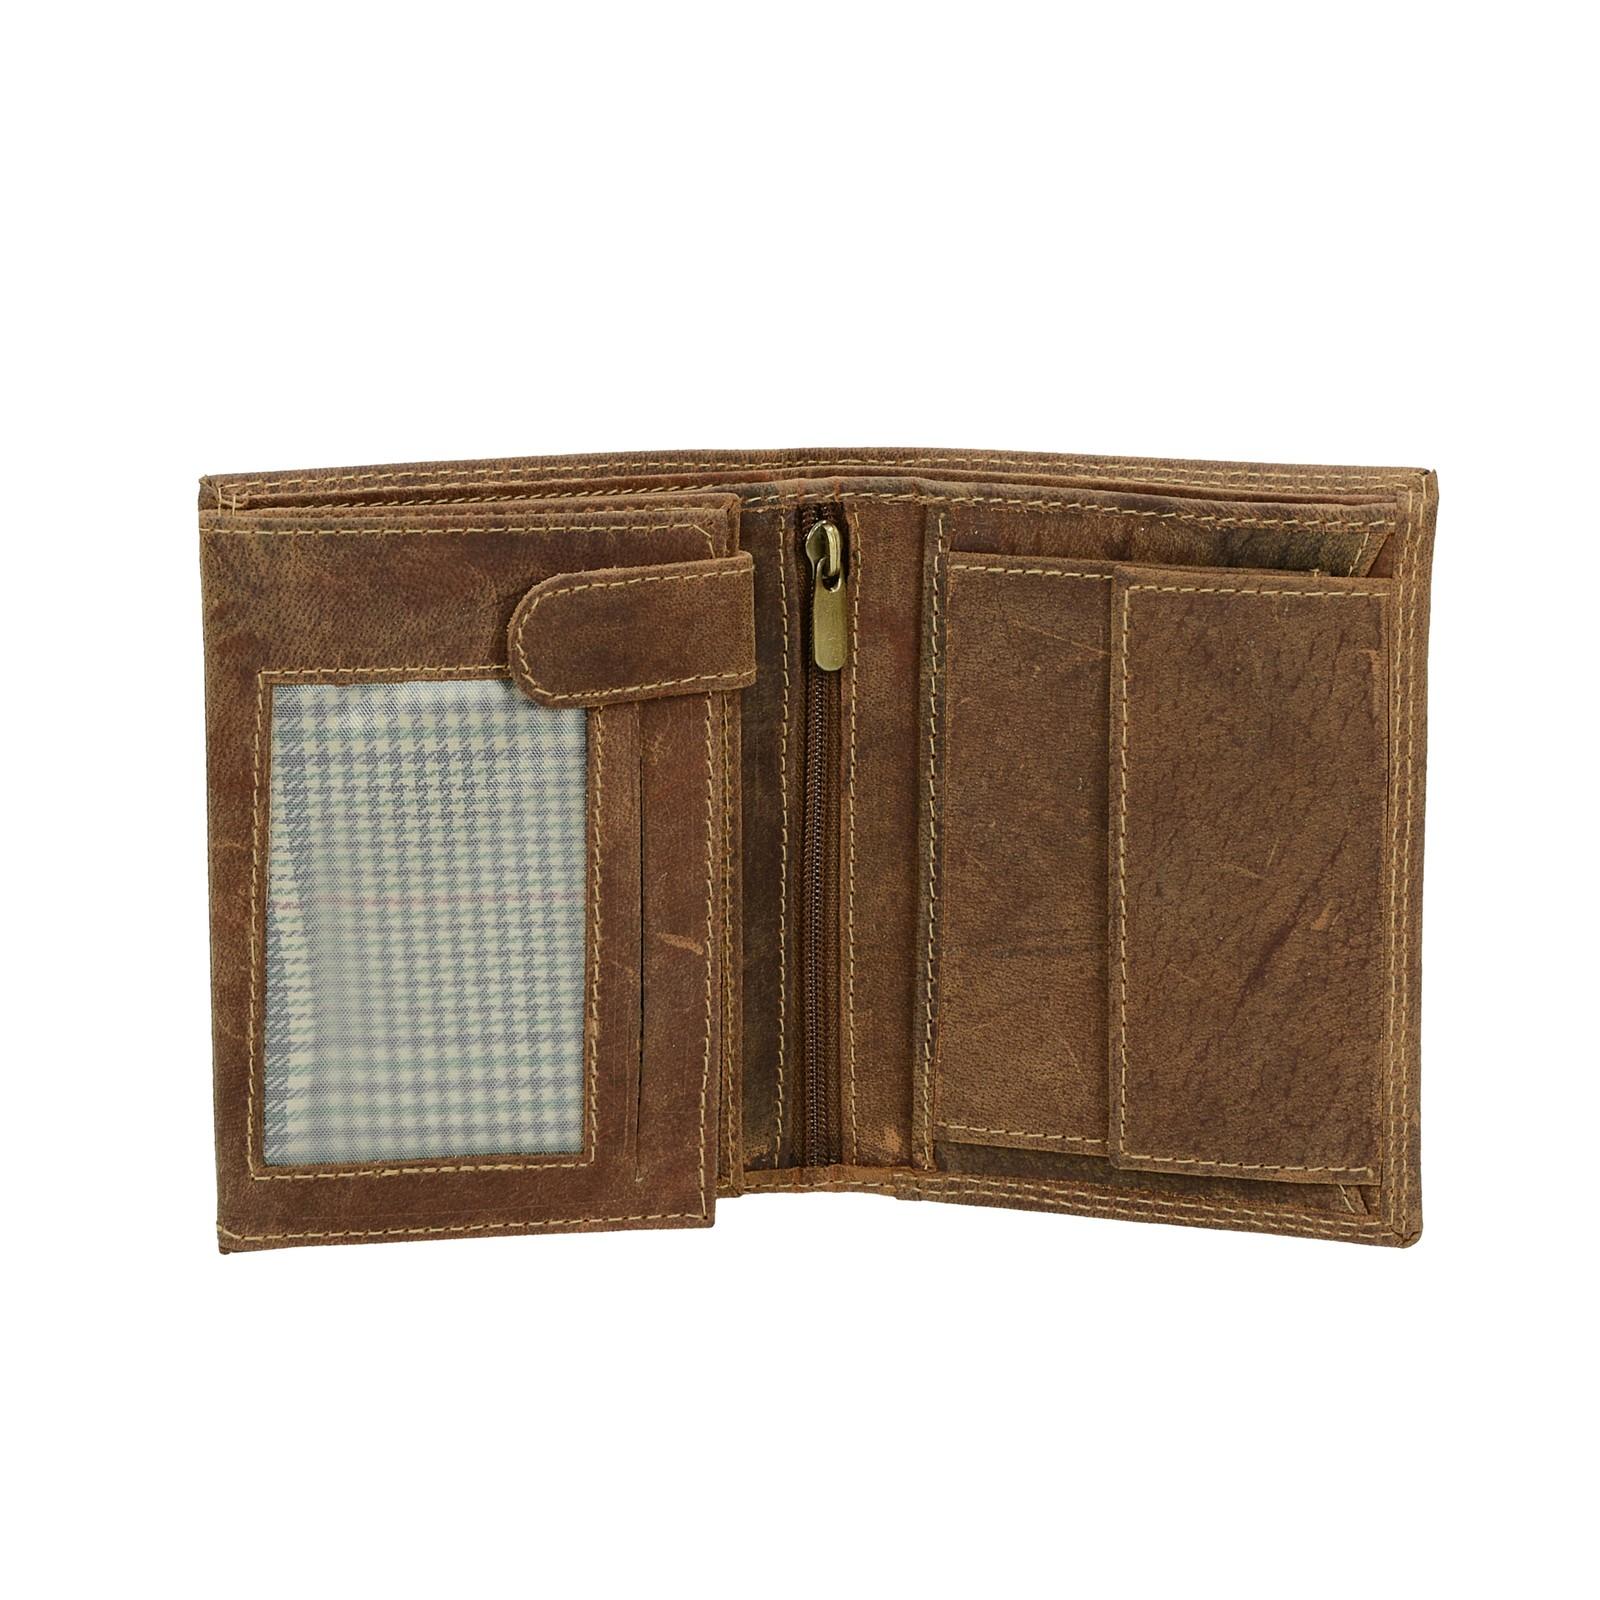 ... Mercucio pánska kožená peňaženka - hnedá ... 8be1b417d71